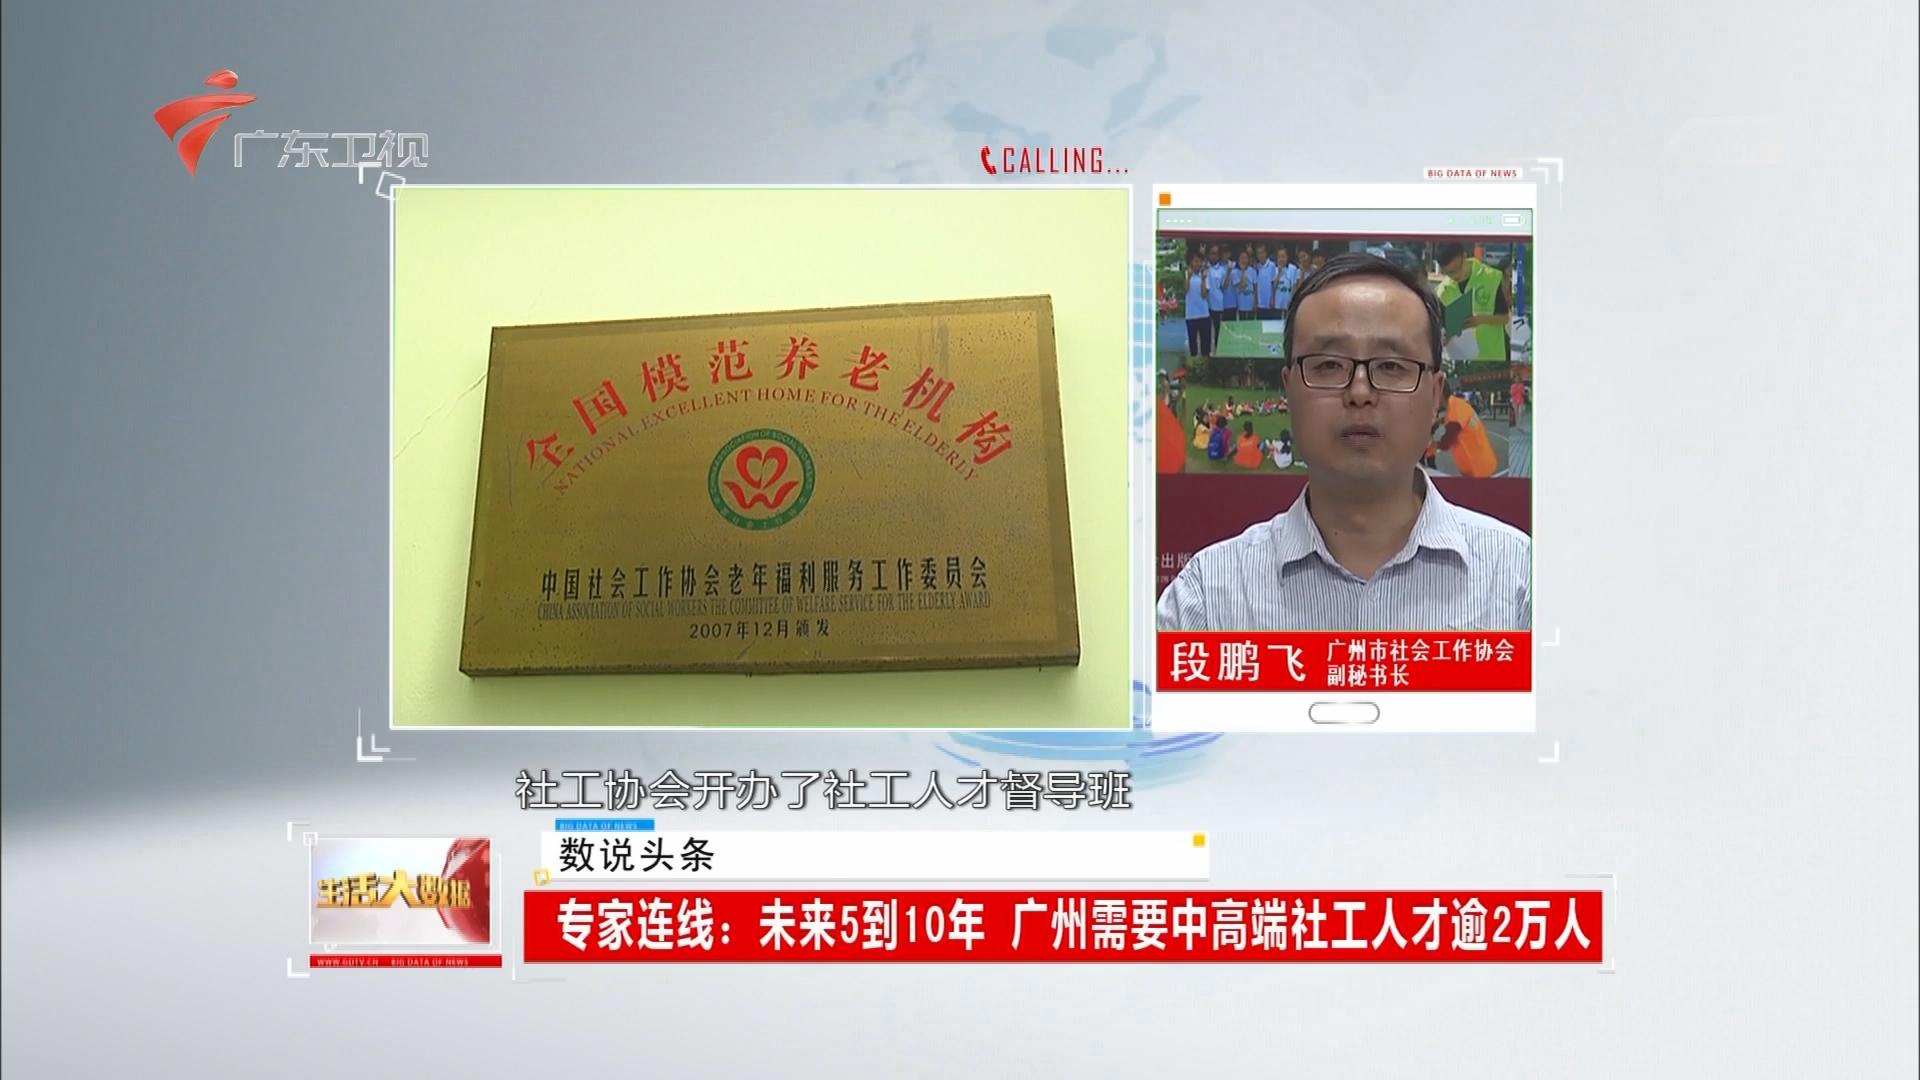 专家连线:未来5到10年 广州需要中高端社工人才逾2万人